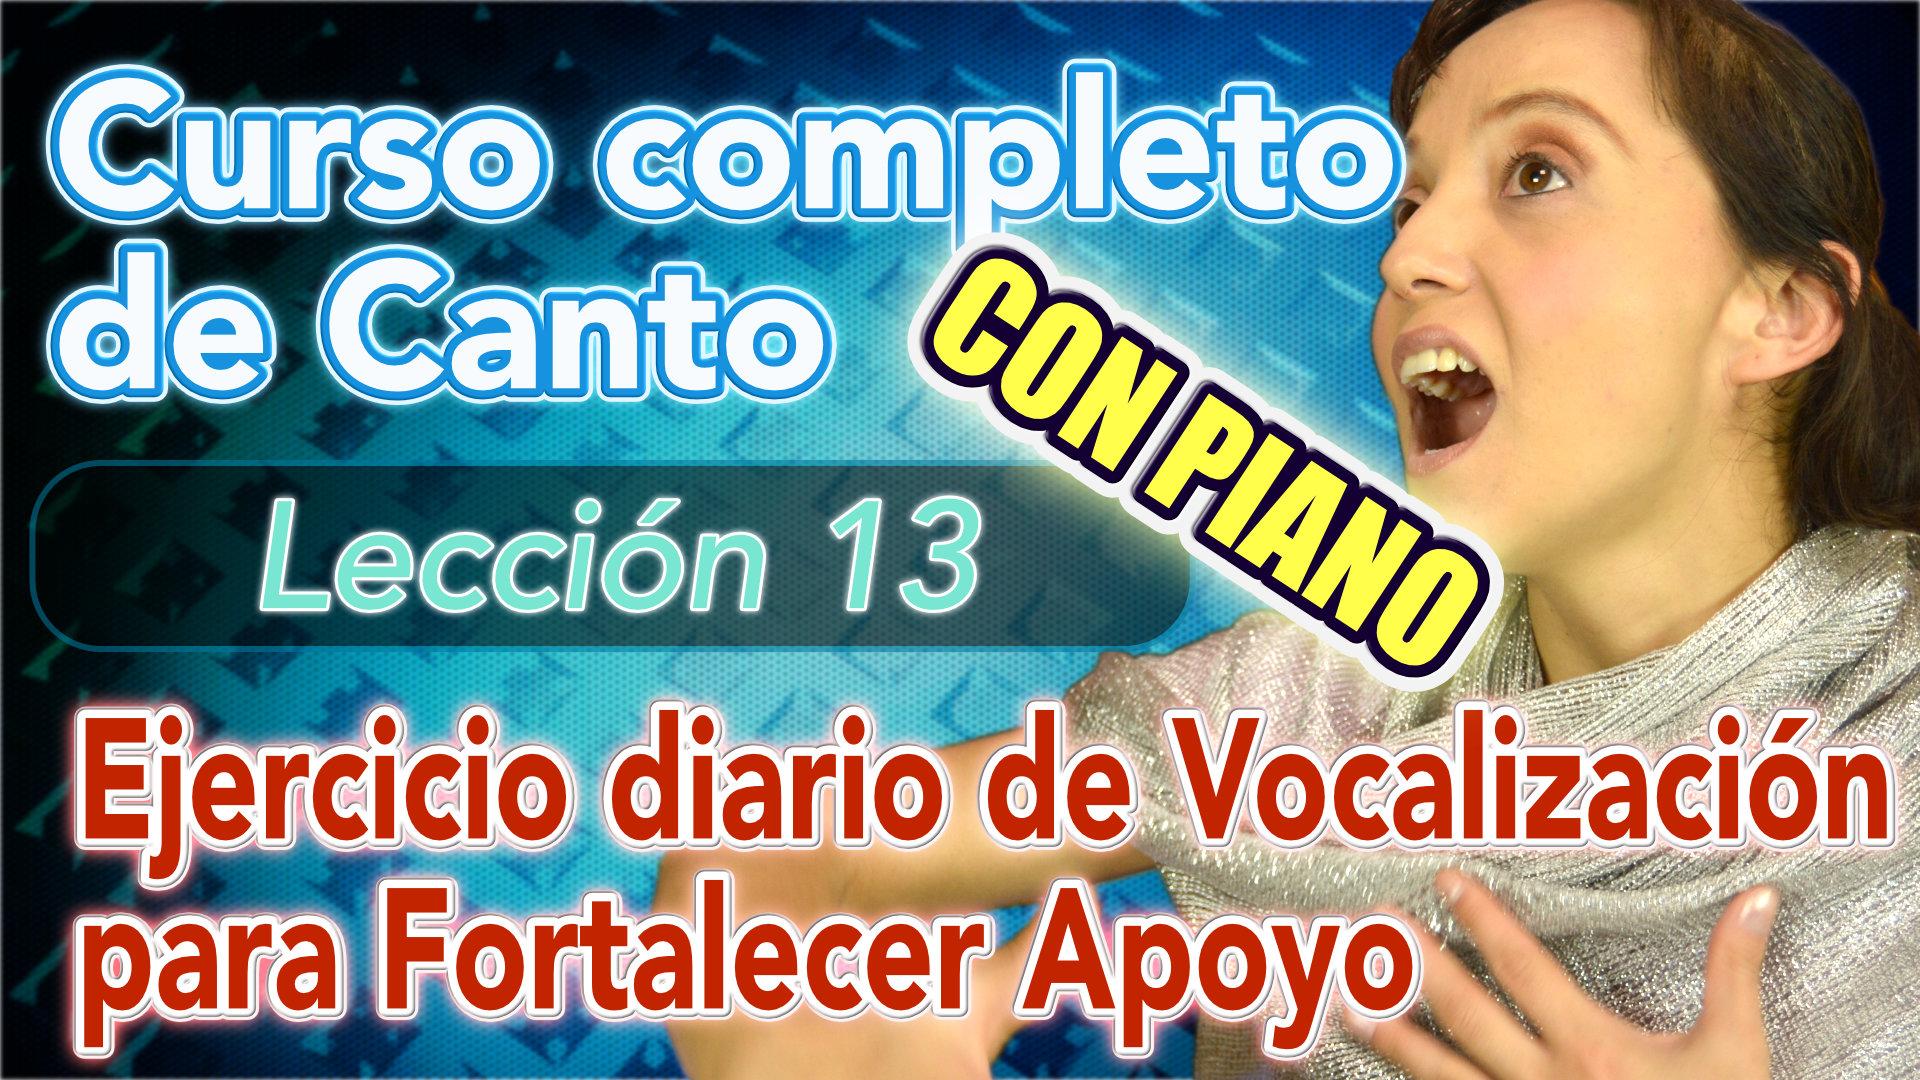 Clases de CANTO: Lección 13: Como cantar con diafragma, ejercicio Vocalización para fortalecer Apoyo